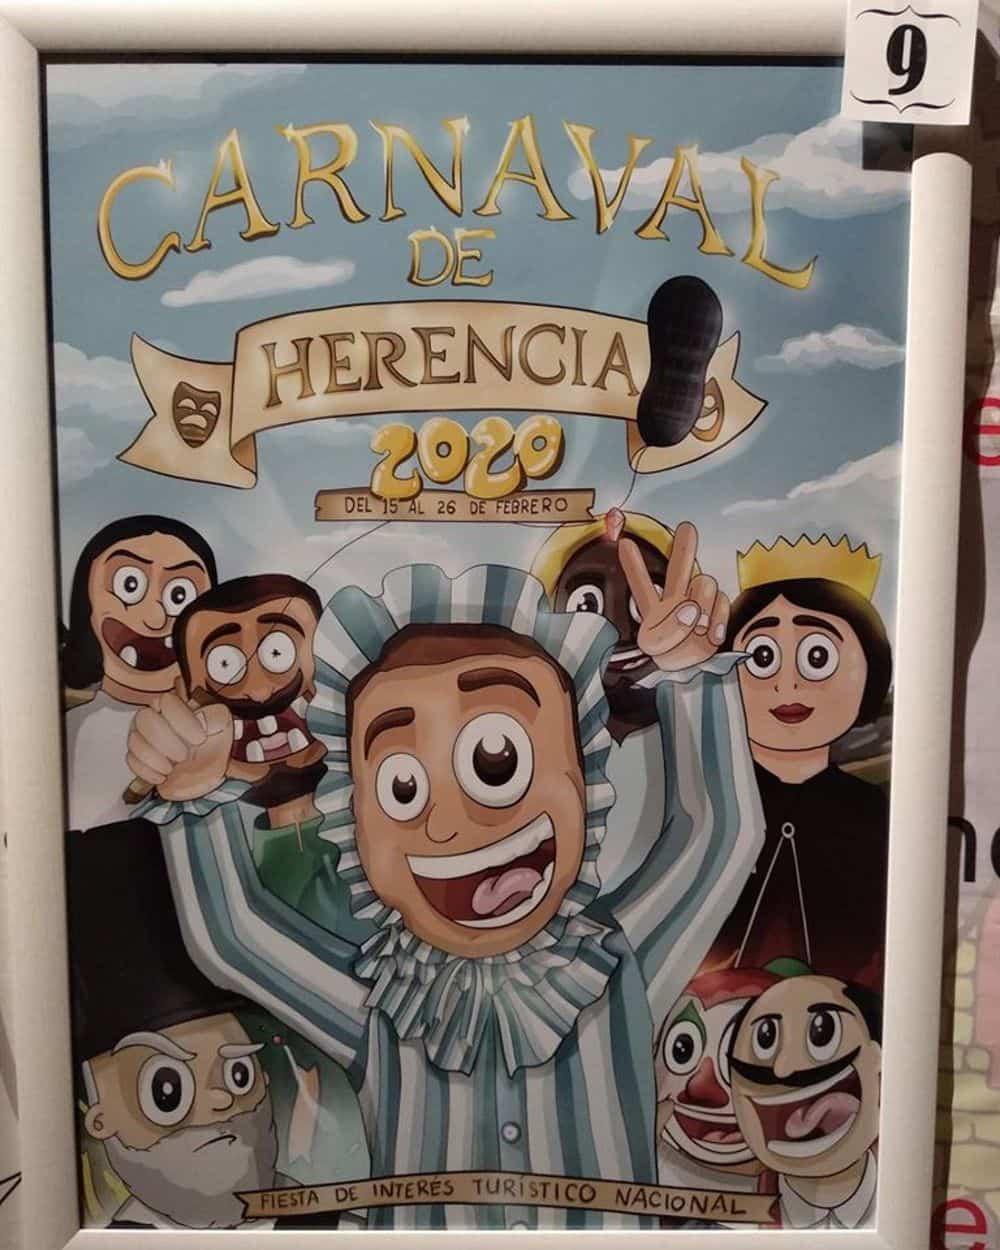 Conoce los carteles de Carnaval de Herencia 2020, ¿cuál te gusta más? 23